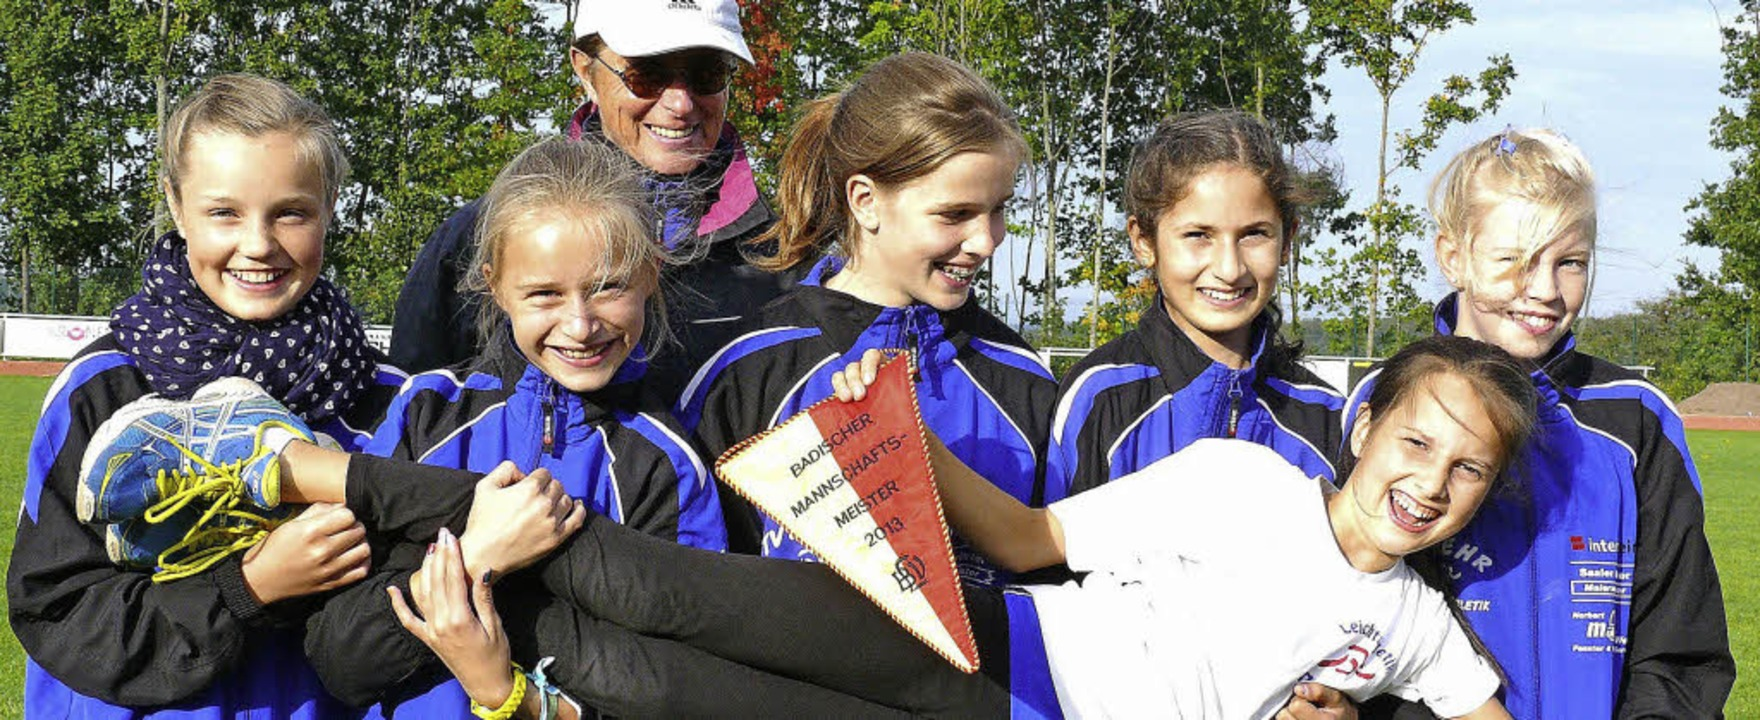 Freuen sich über den badischen Titel: ..., Trainerin Hildegard Eckert (hinten).  | Foto: cMa